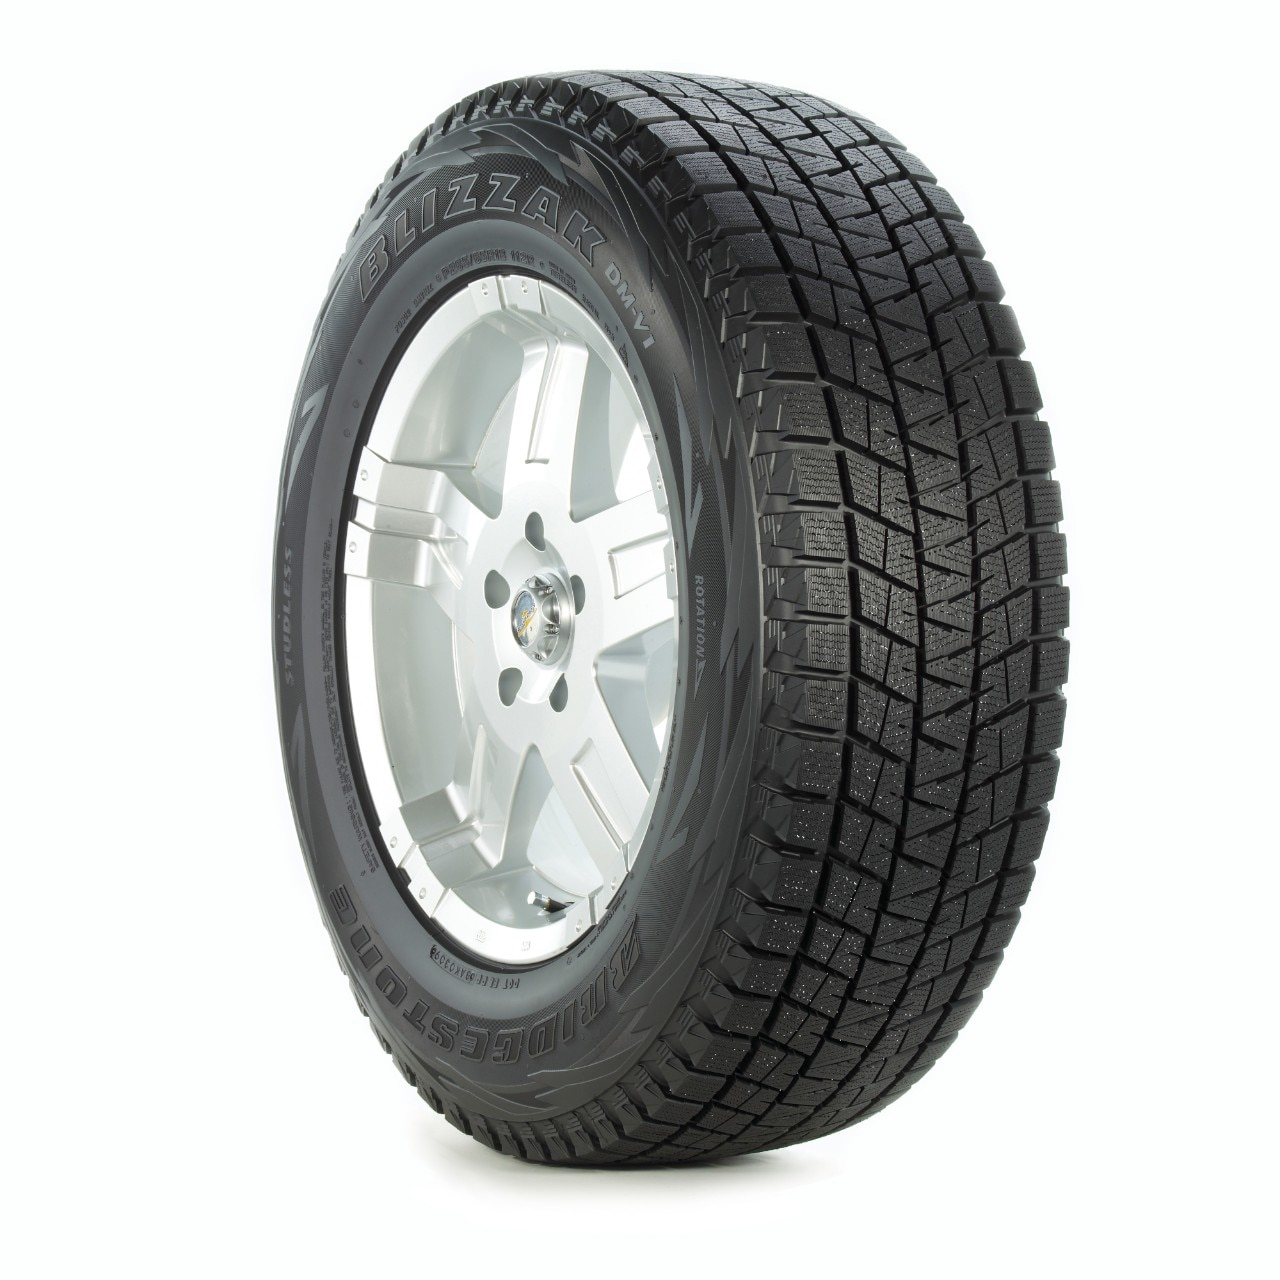 Bridgestone blizzak tire reviews - 63d8